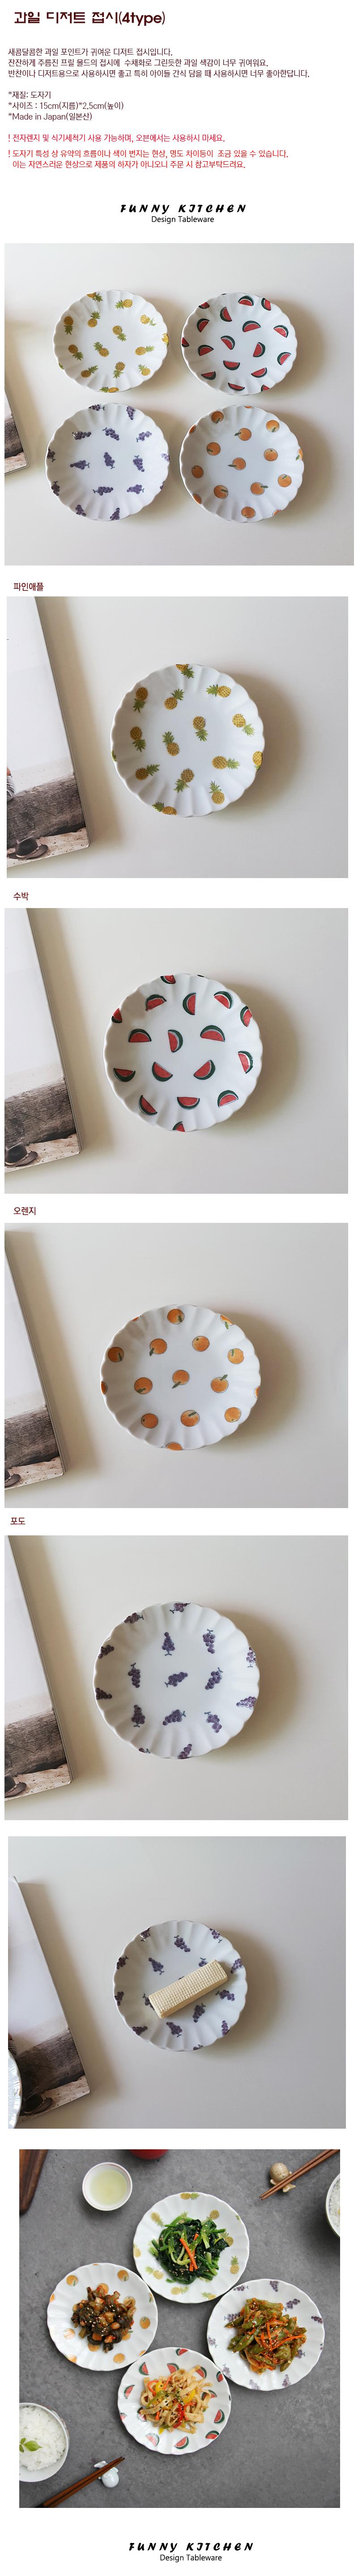 과일 디저트 접시 간식접시 - 퍼니키친, 6,000원, 접시/찬기, 접시